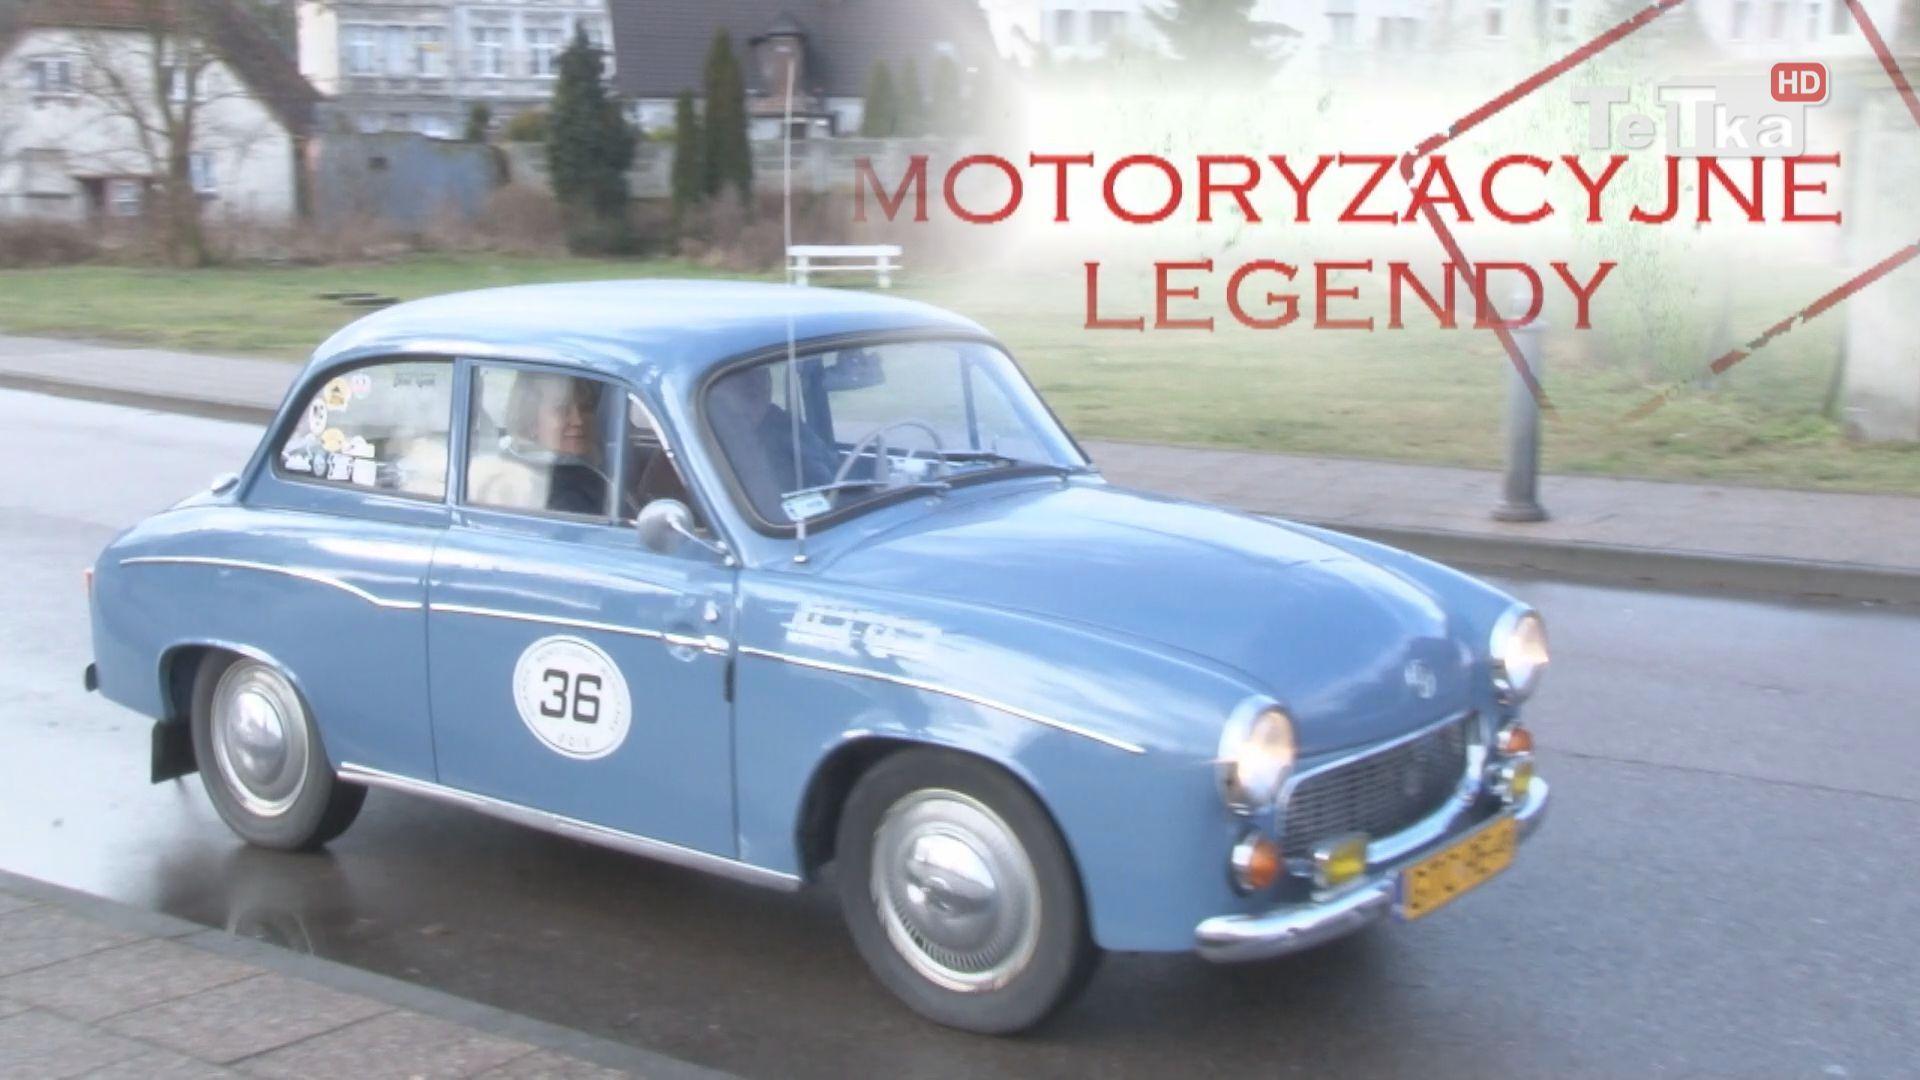 motoryzacyjne legendy